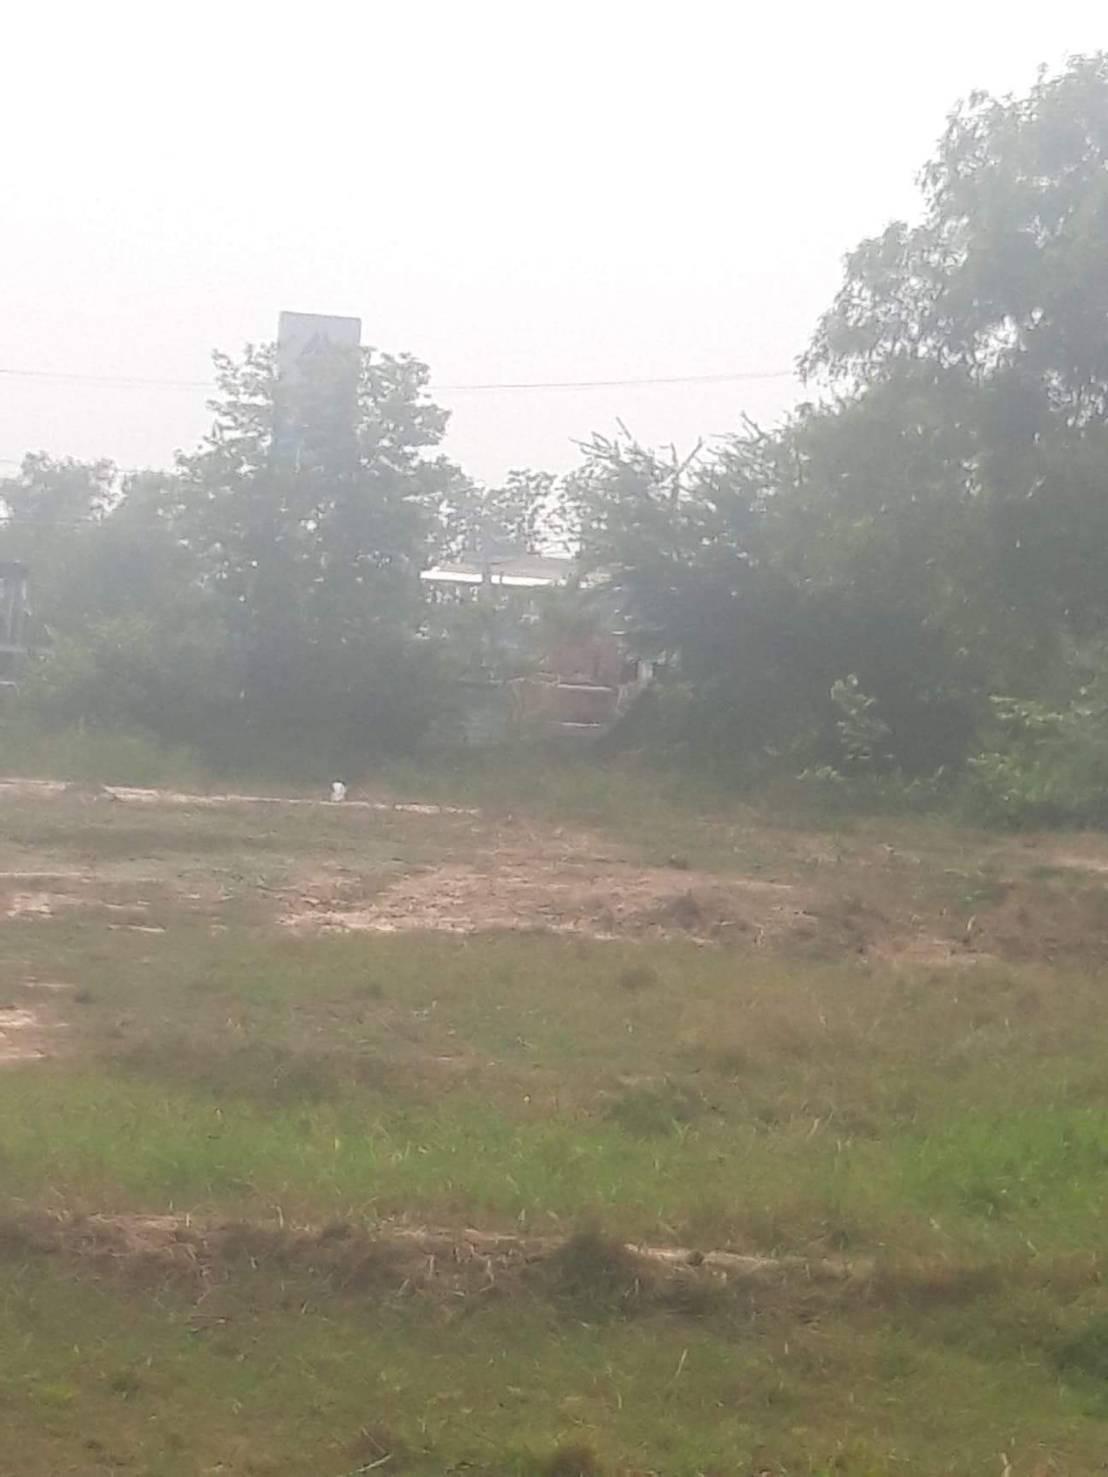 ขายที่ดิน 139 ตารางวาโฉนดพร้อมโอนที่ดินอยู่เยื้องปั๊มปตทหนองลีหู